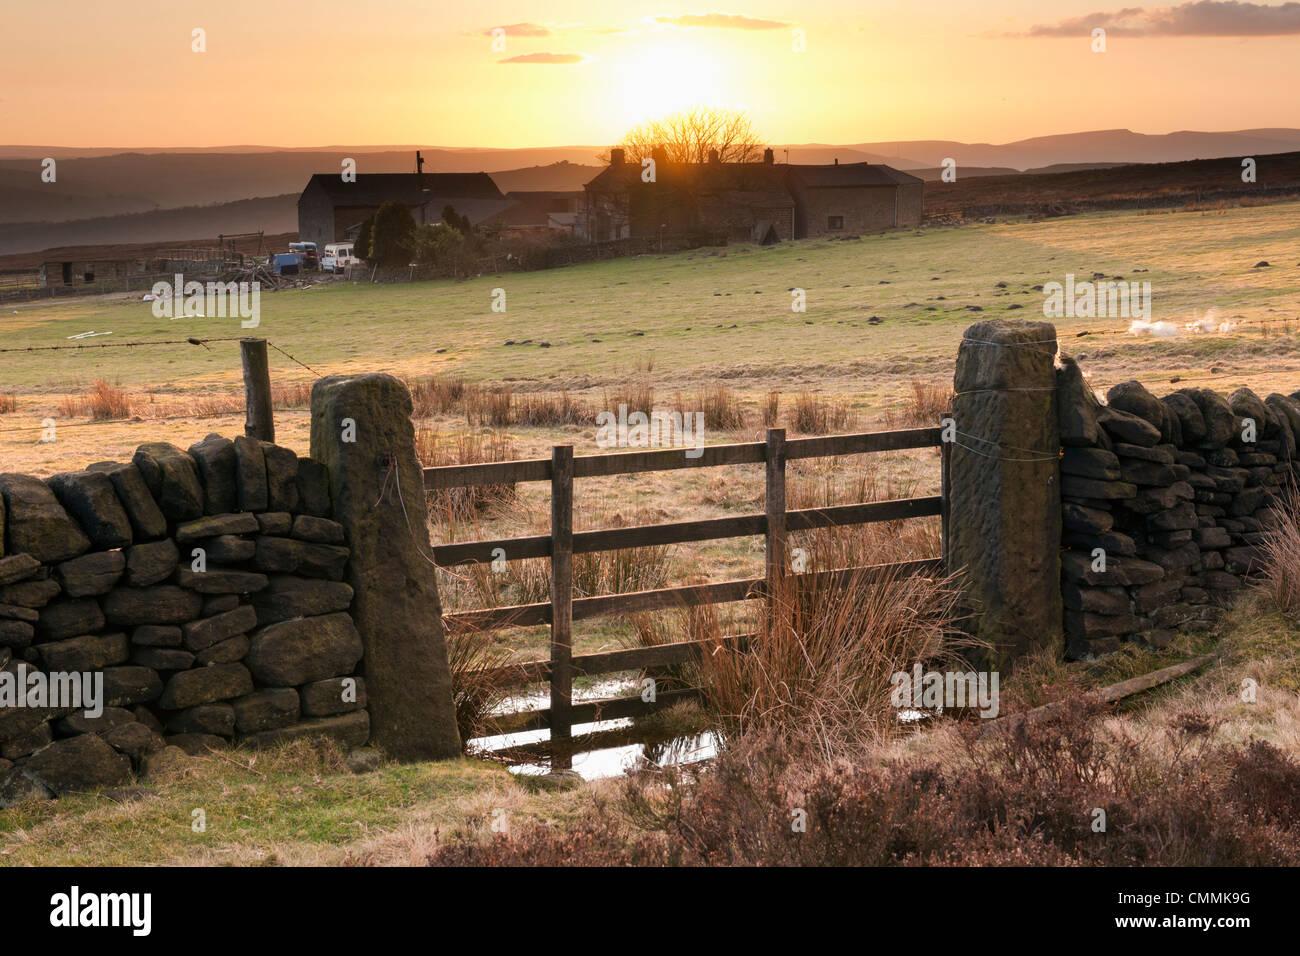 Parson House centro de ocio al aire libre en la carretera Houndkirk Derbyshire, Inglaterra Imagen De Stock